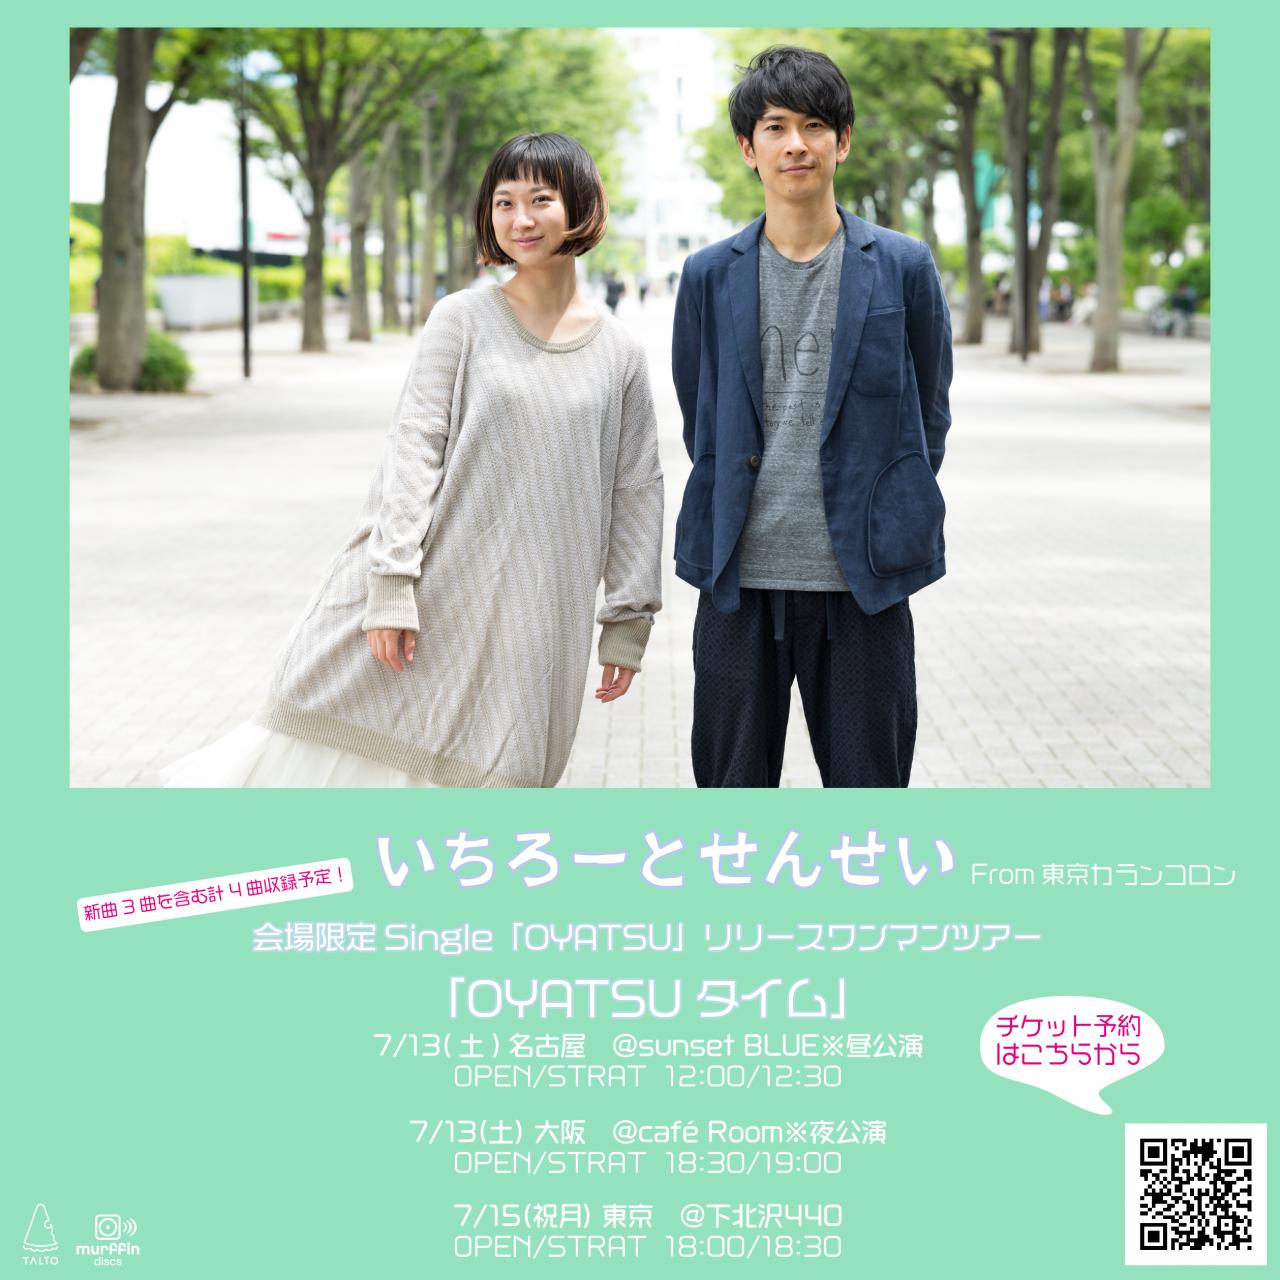 いちろーとせんせい From東京カランコロン 会場限定Single「OYATSU」リリースワンマンツアー「OYATSUタイム」